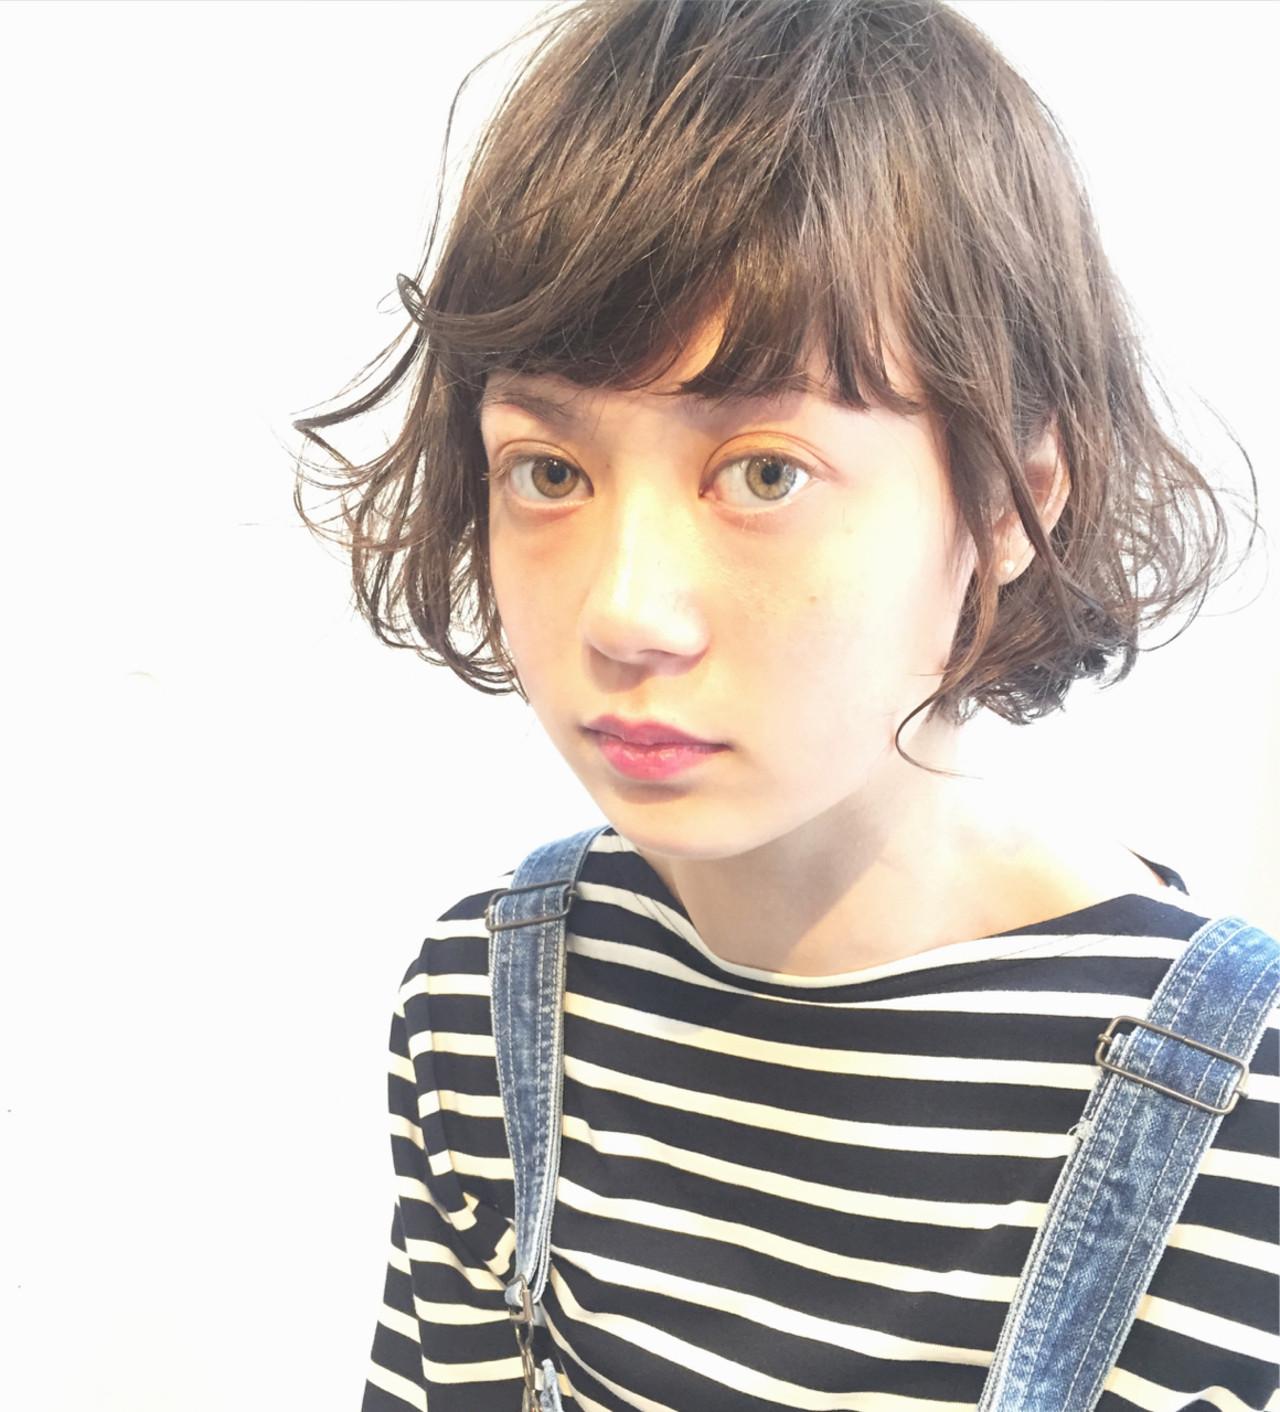 モード ピュア アッシュ 前髪あり ヘアスタイルや髪型の写真・画像